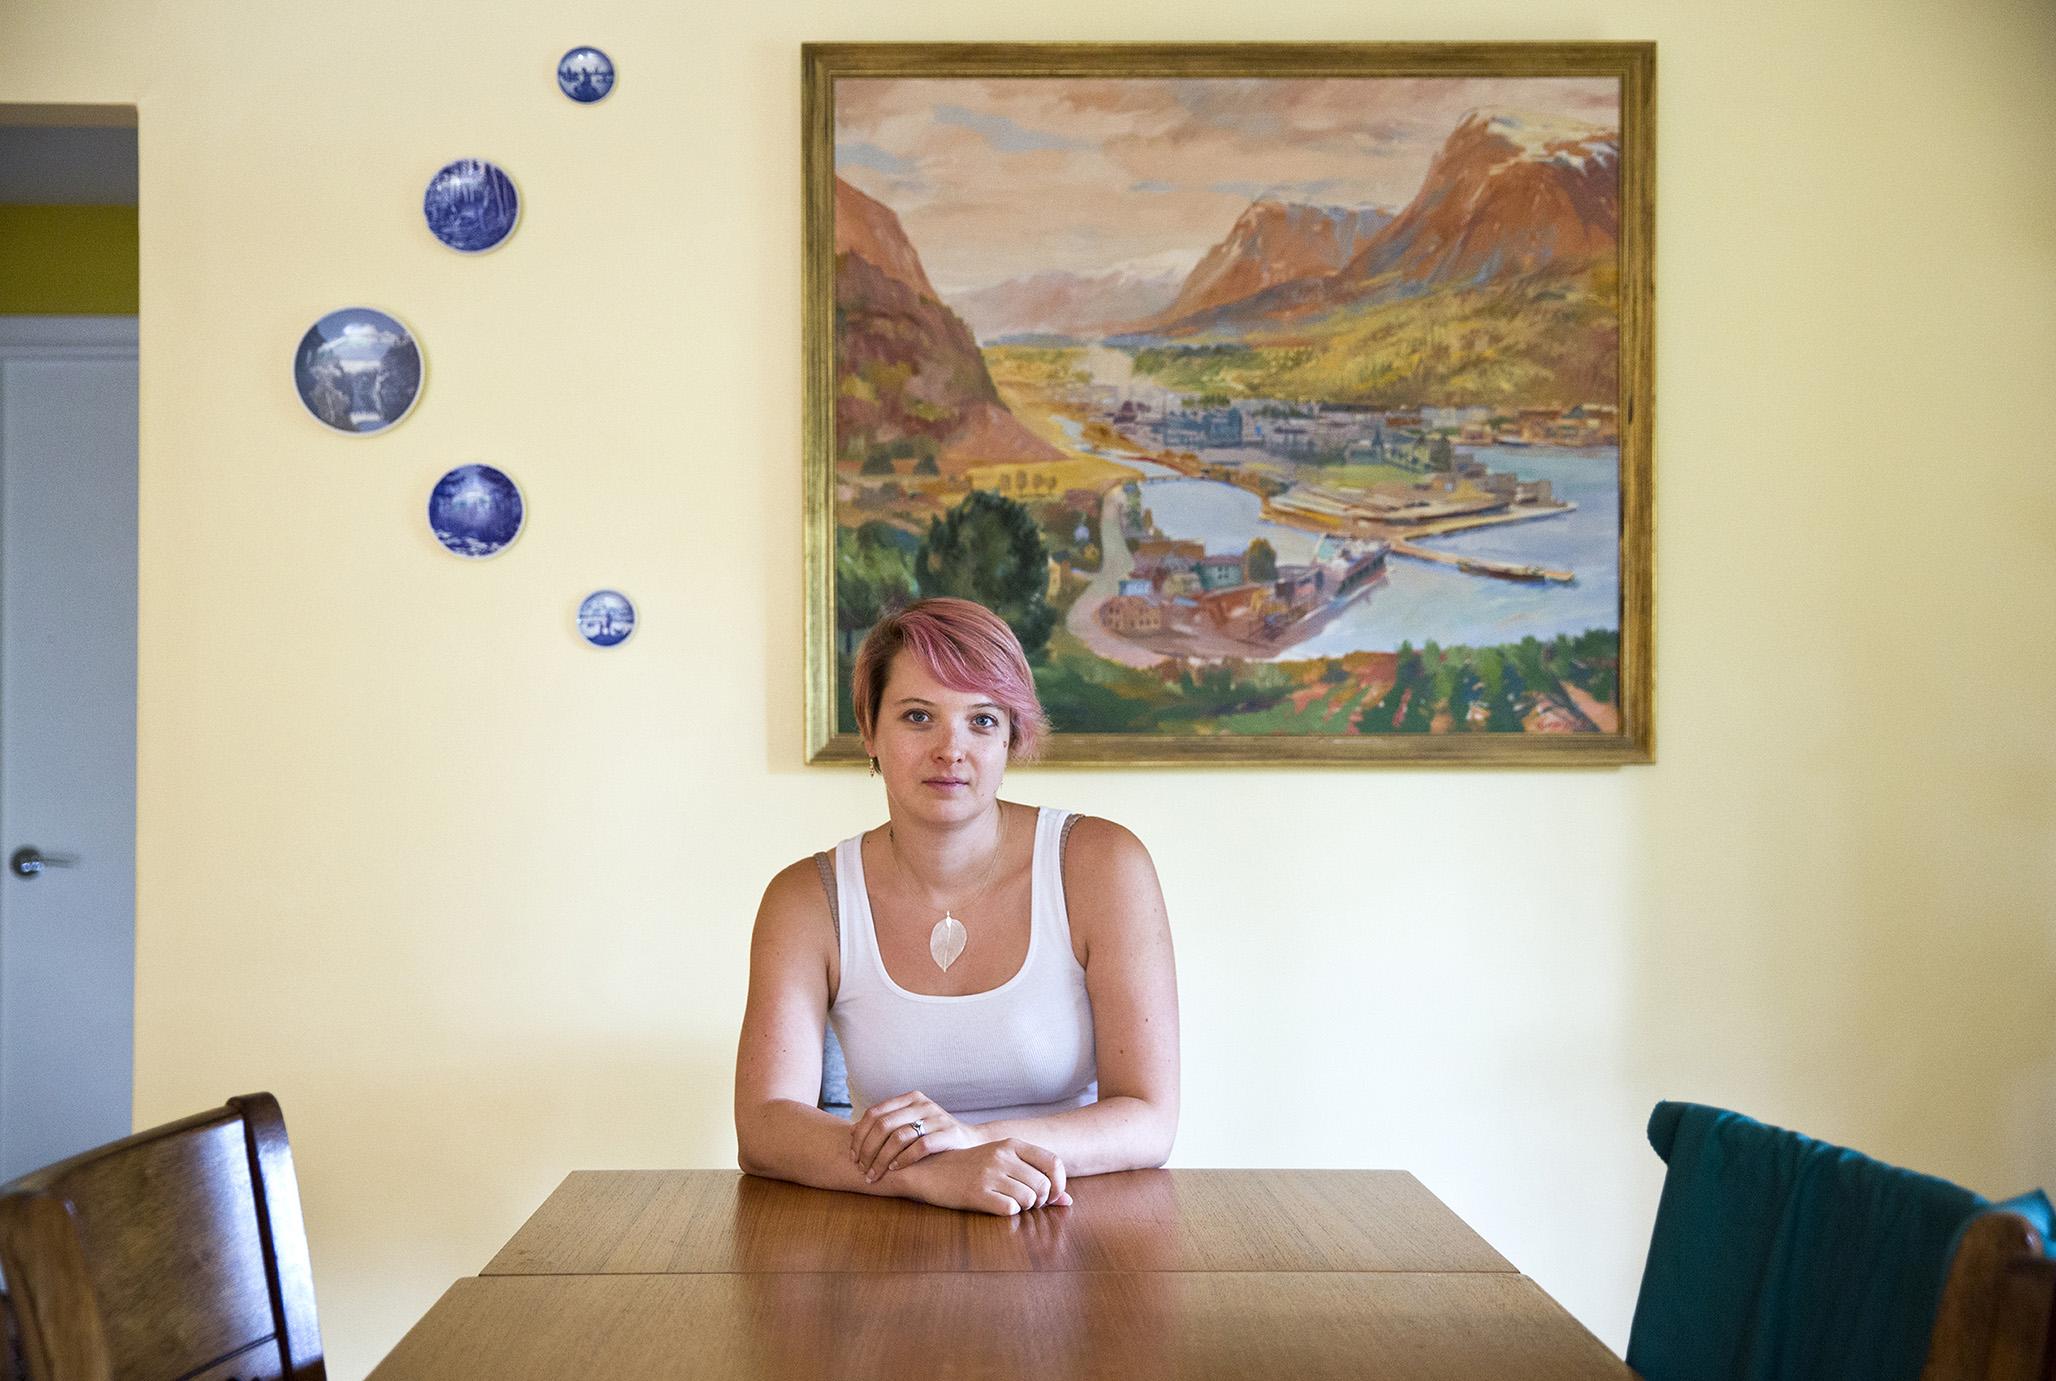 PARADISET NORGE: Over stovebordet til Emily heng utsikta over Odda, måla av  kunstnaren Ragnar Grønsdal. Emily tykkjer Norge framstår som eit paradis på jord.